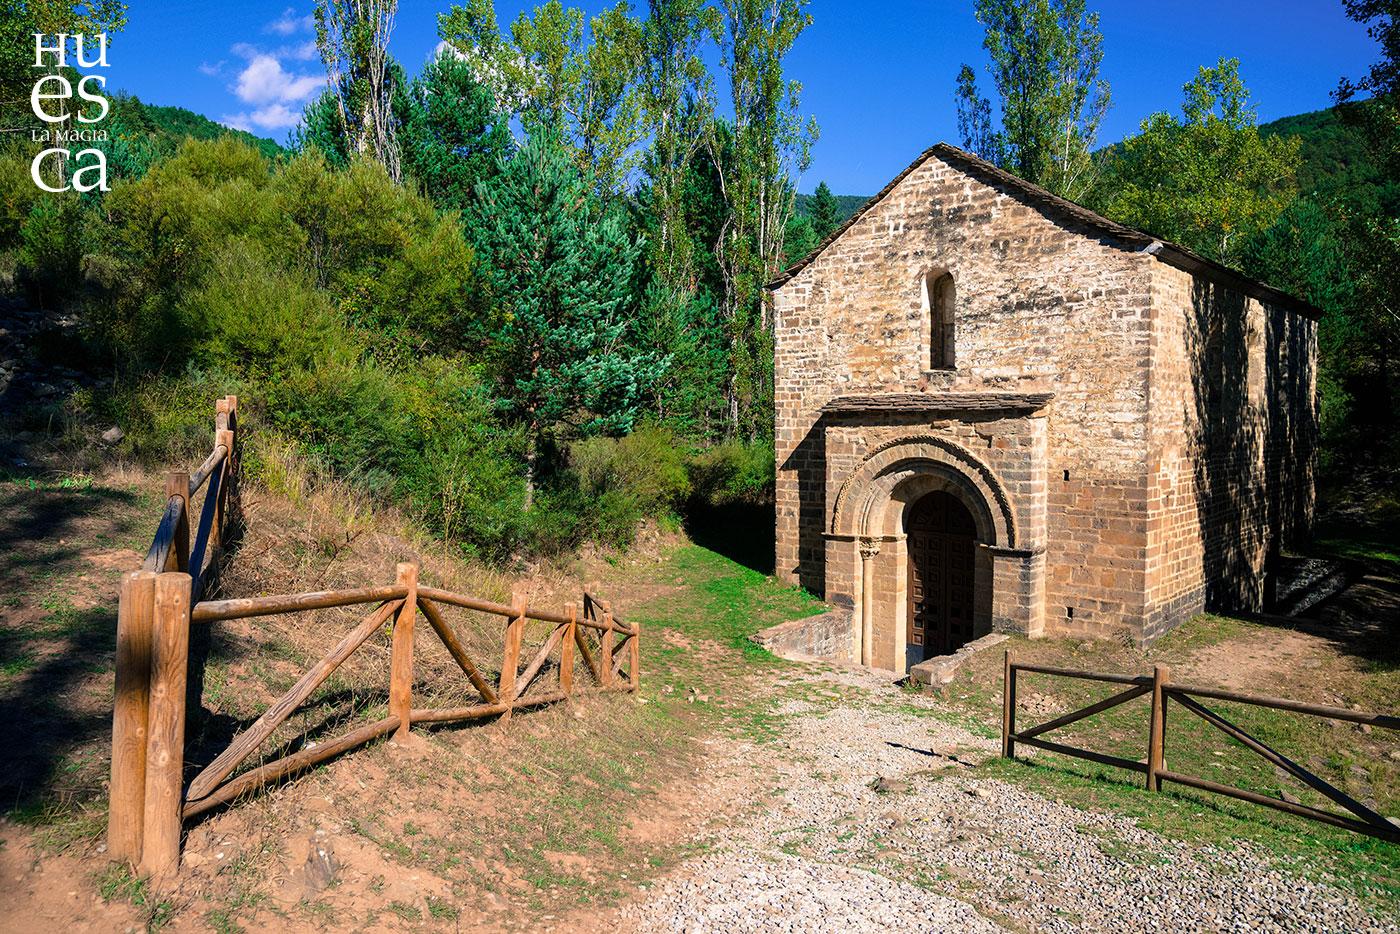 Ruta preotoñal 🍁🍄 por los mágicos pueblos del Valle Escondido y sus excursiones 🥾